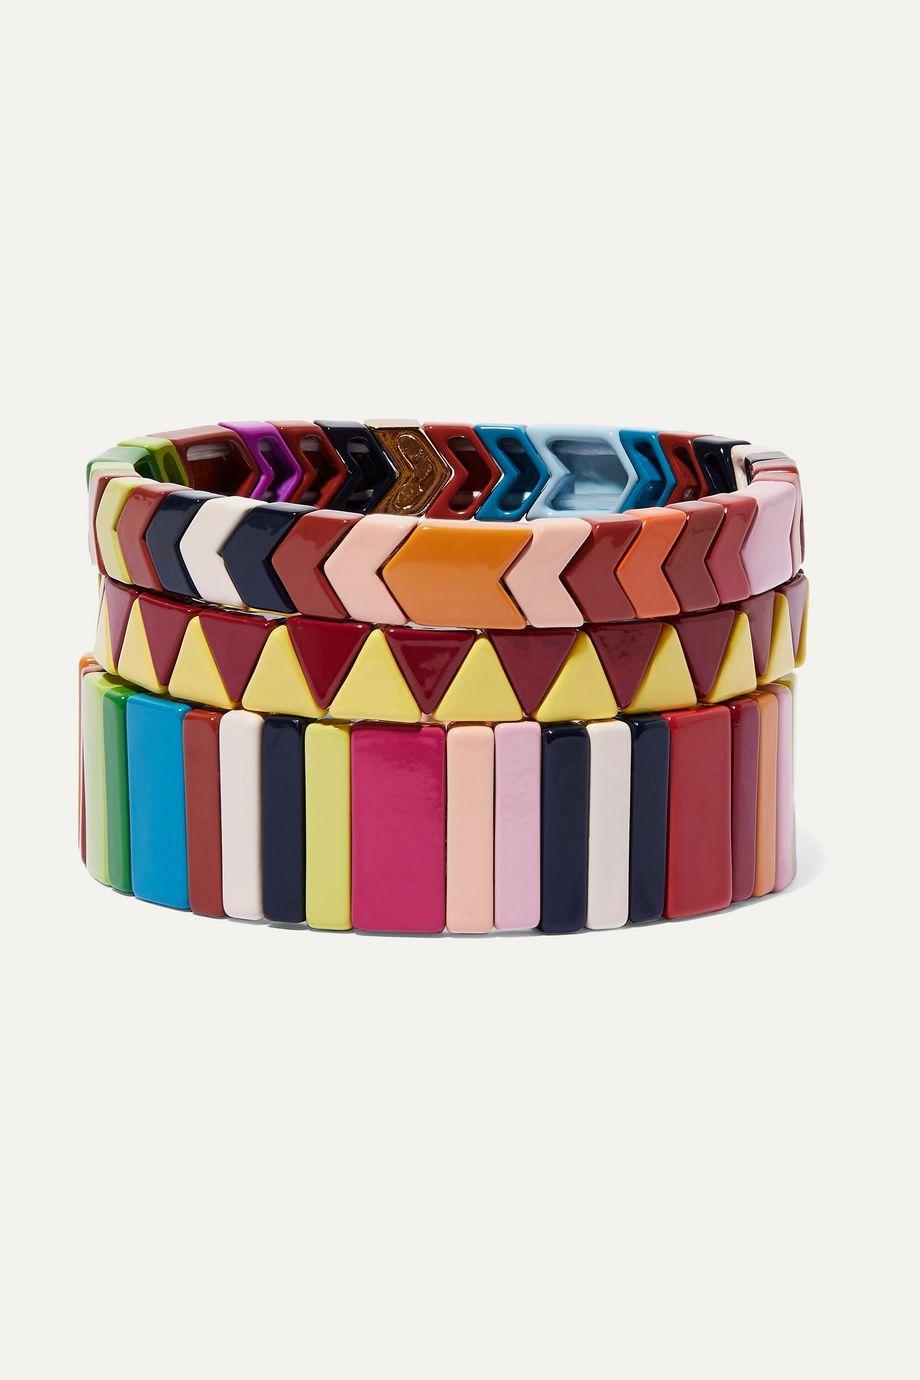 록산느 애슐린 팔찌 Roxanne Assoulin Picnic Blanket set of three enamel bracelets,Yellow